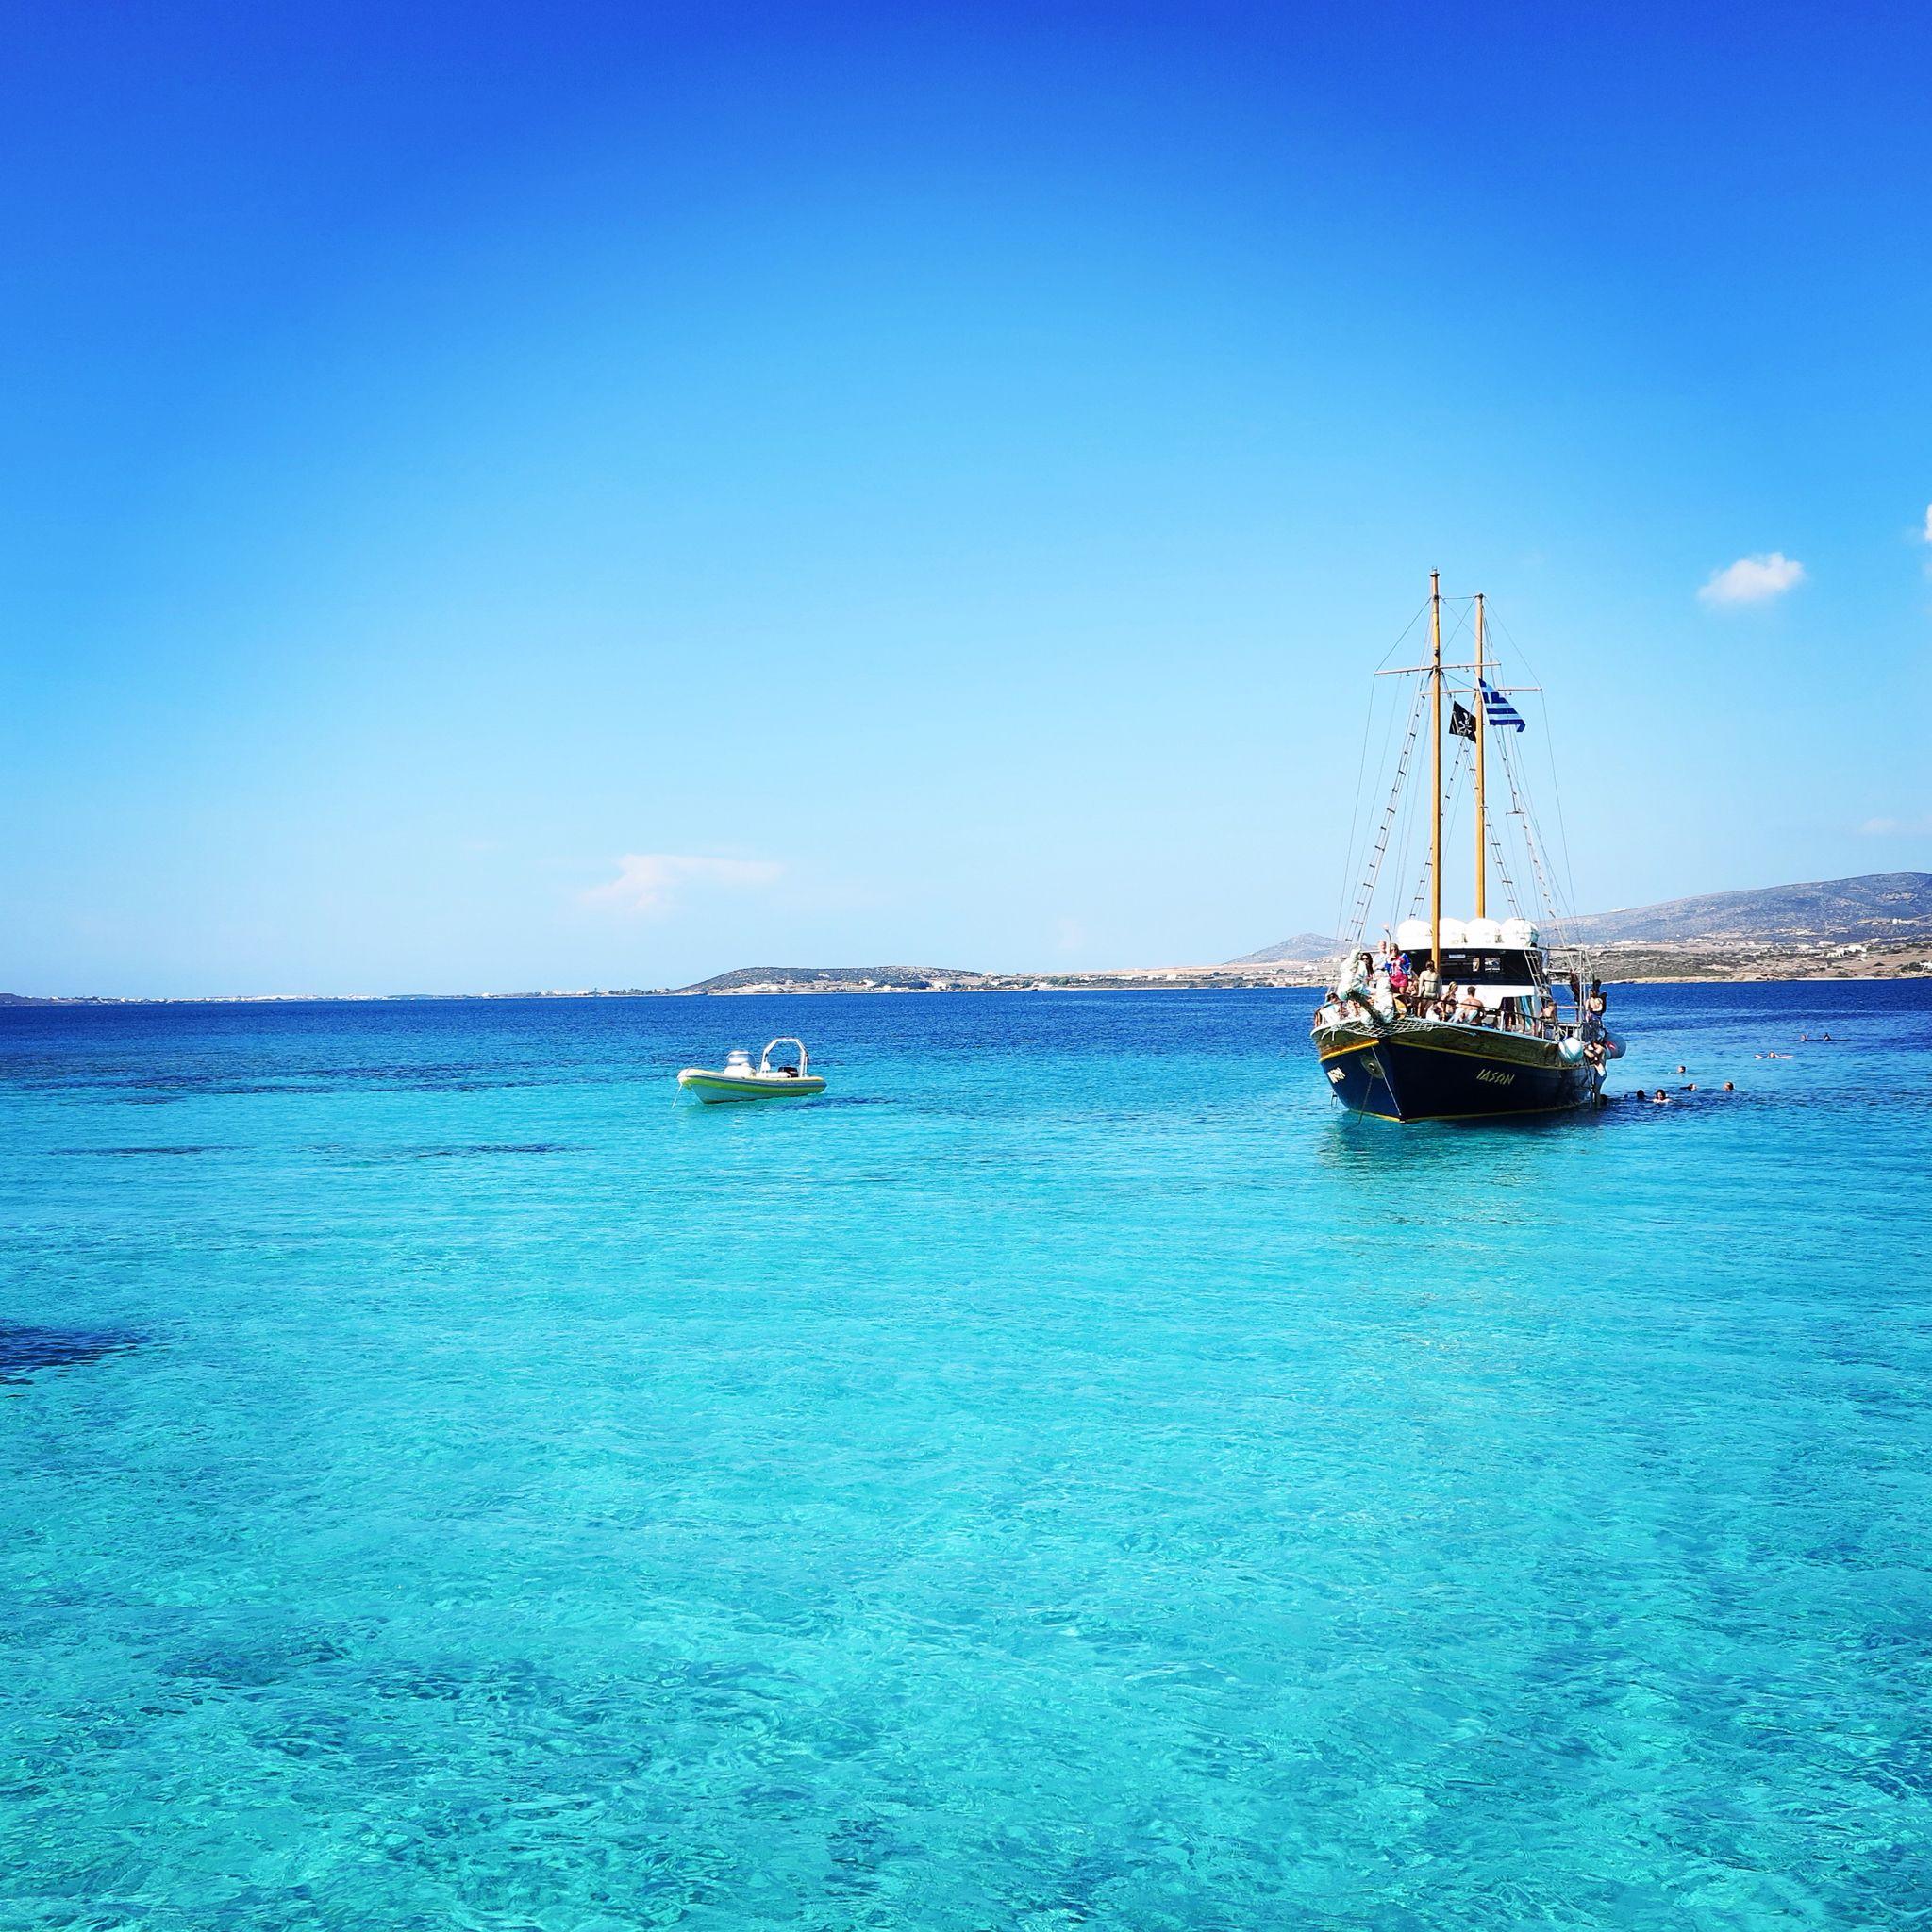 bateau sur eau turquoise